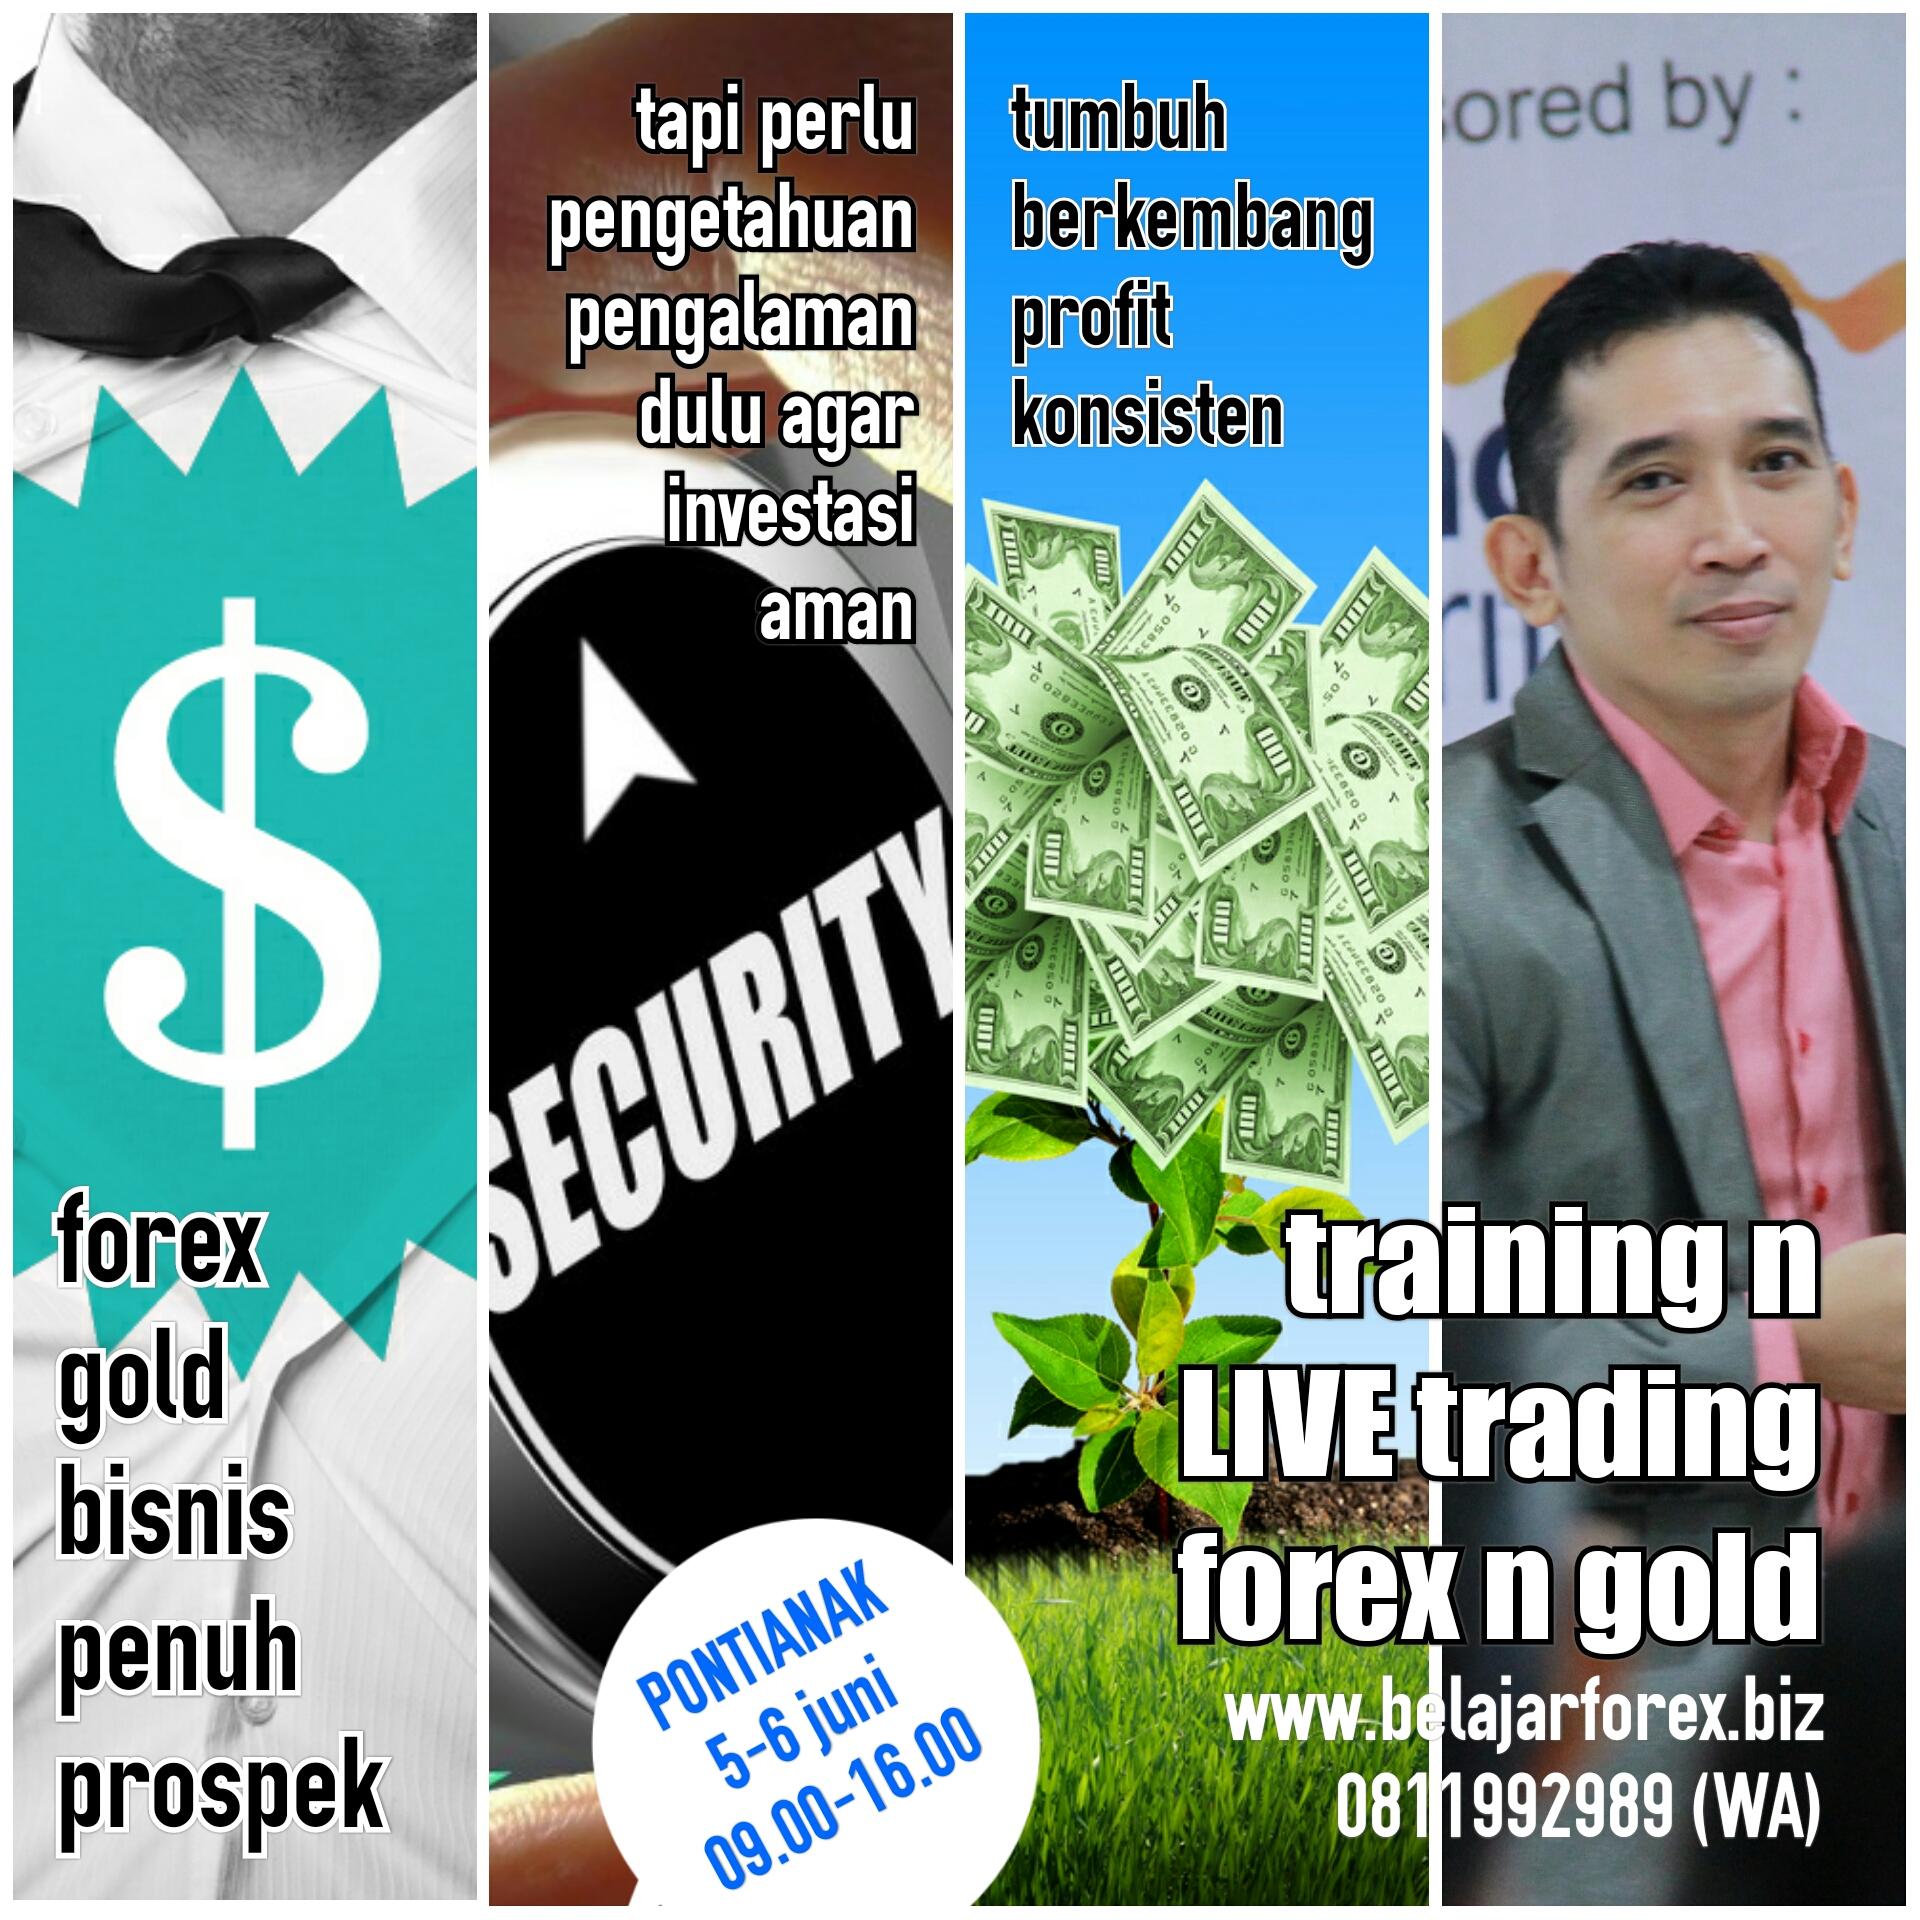 belajar trading kalimantan